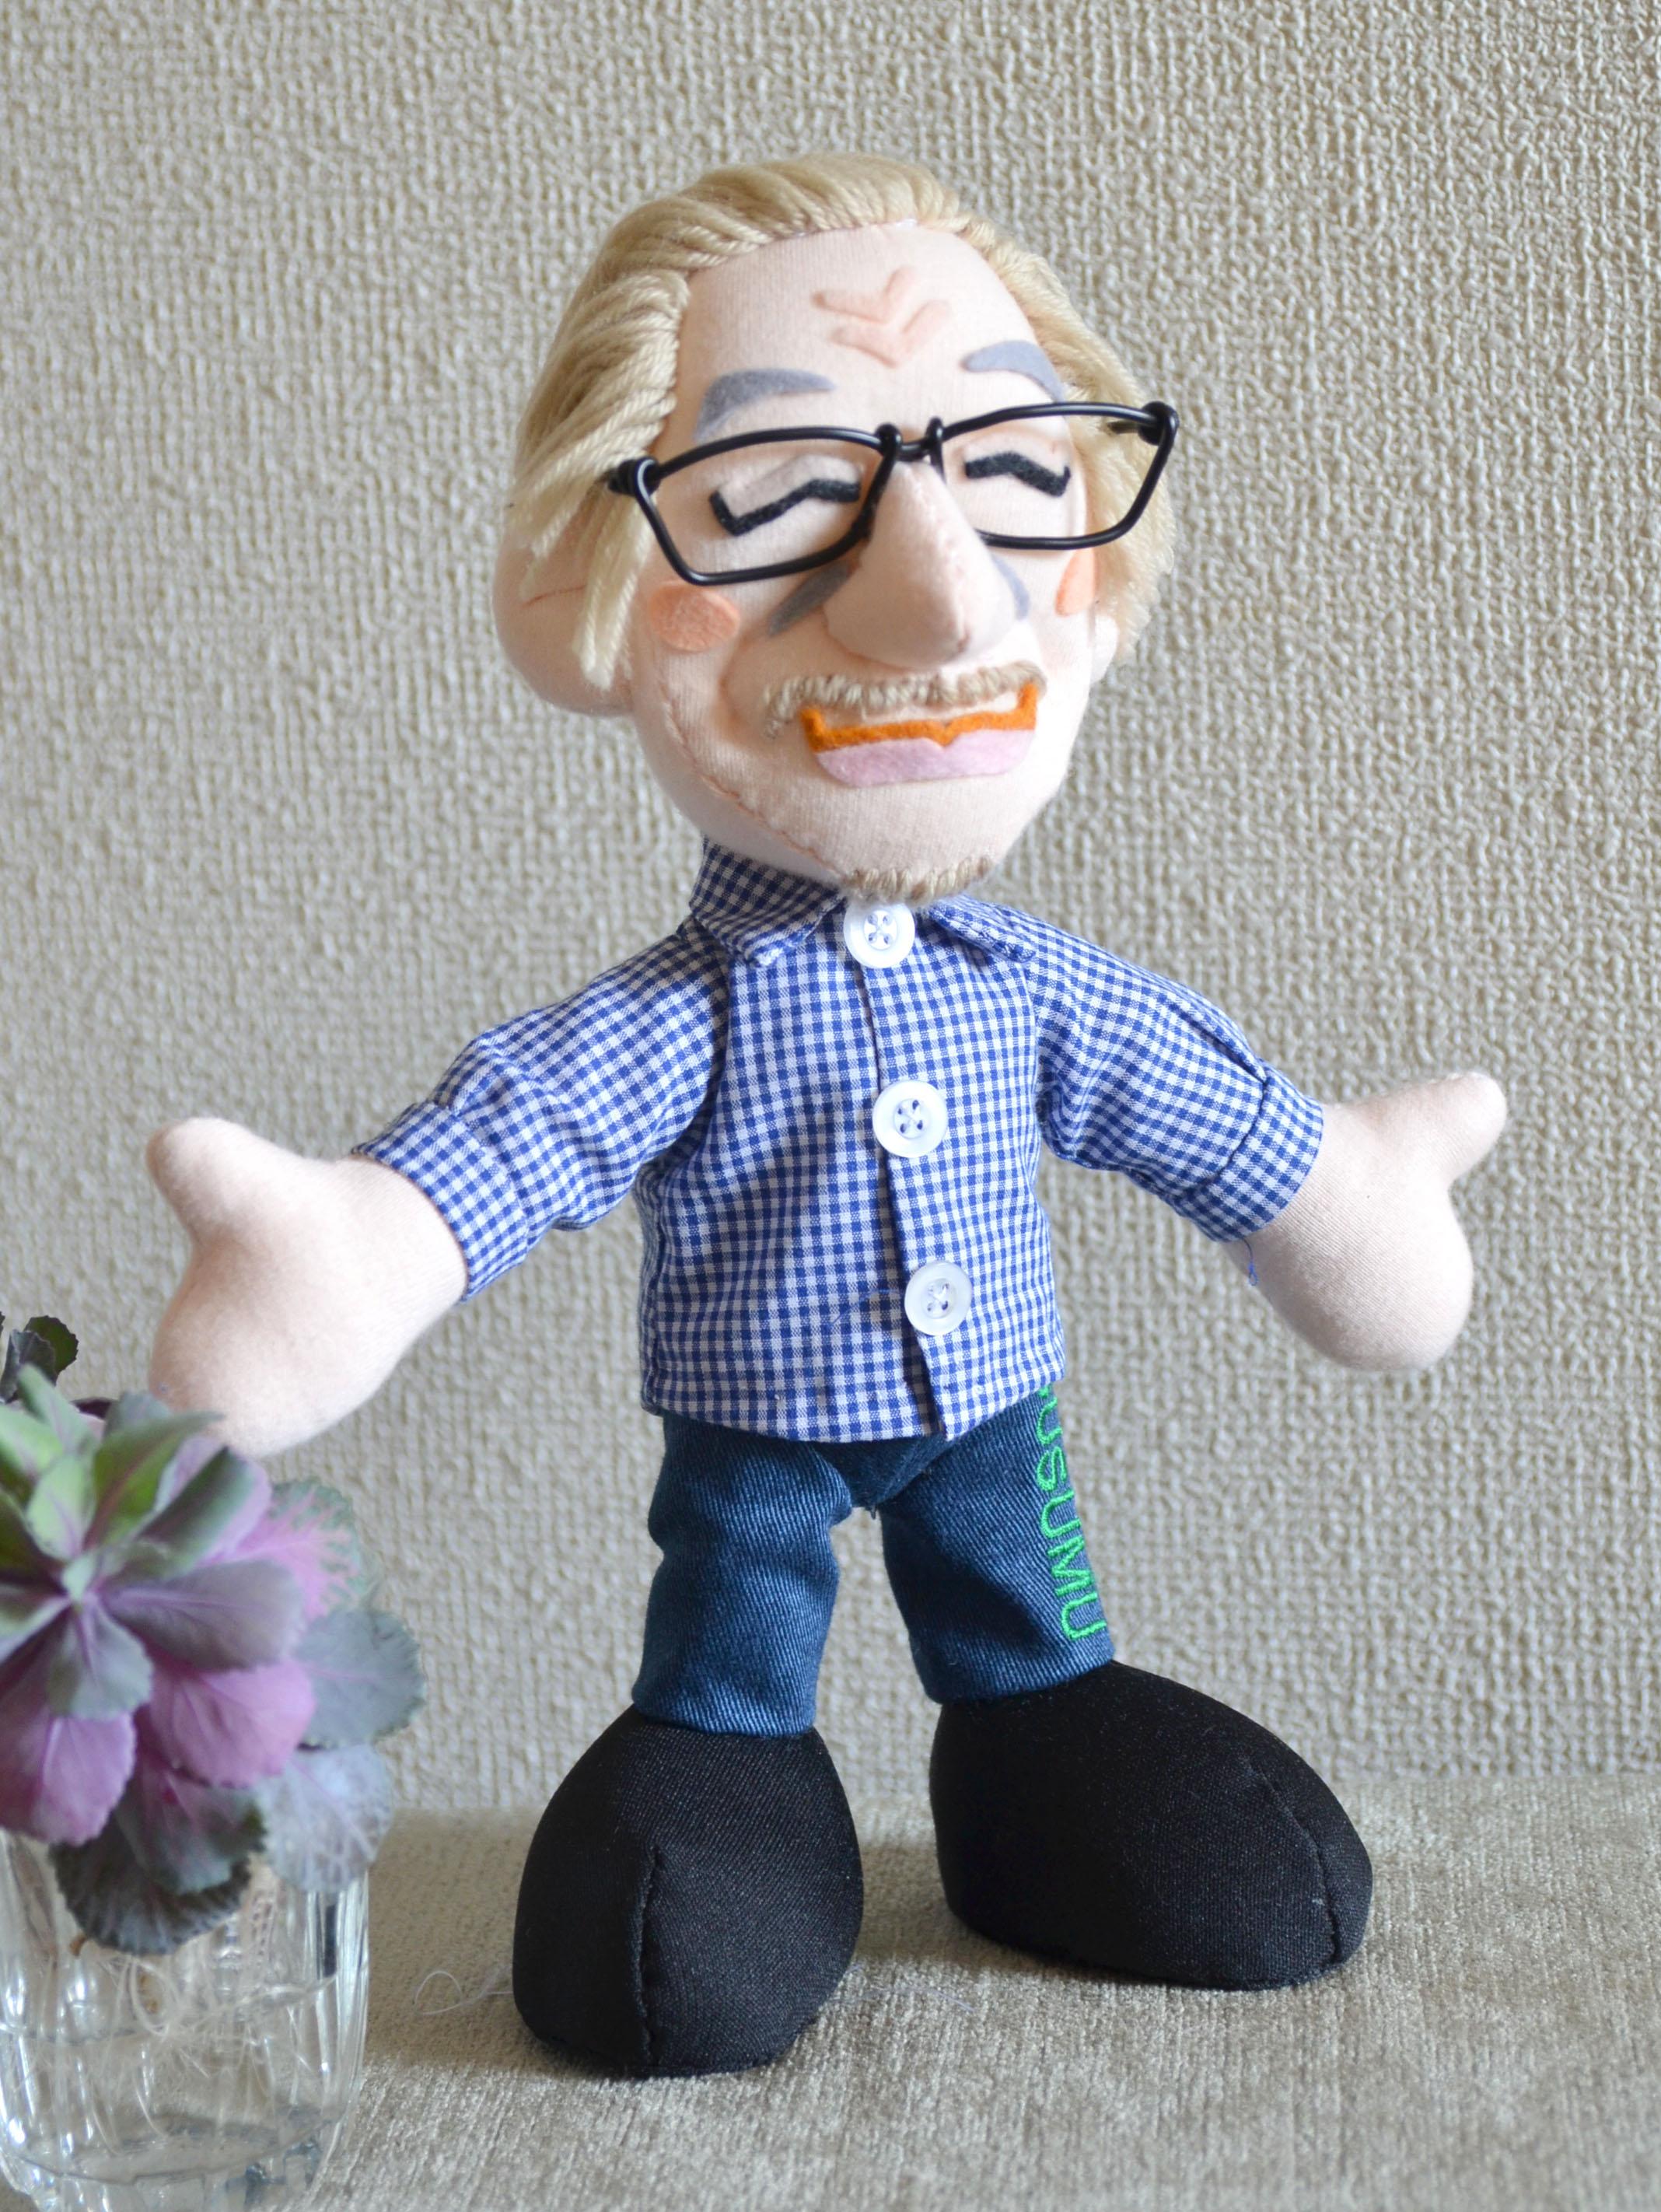 おもかげ人形。故人を偲ぶそっくり人形「笑顔の父」